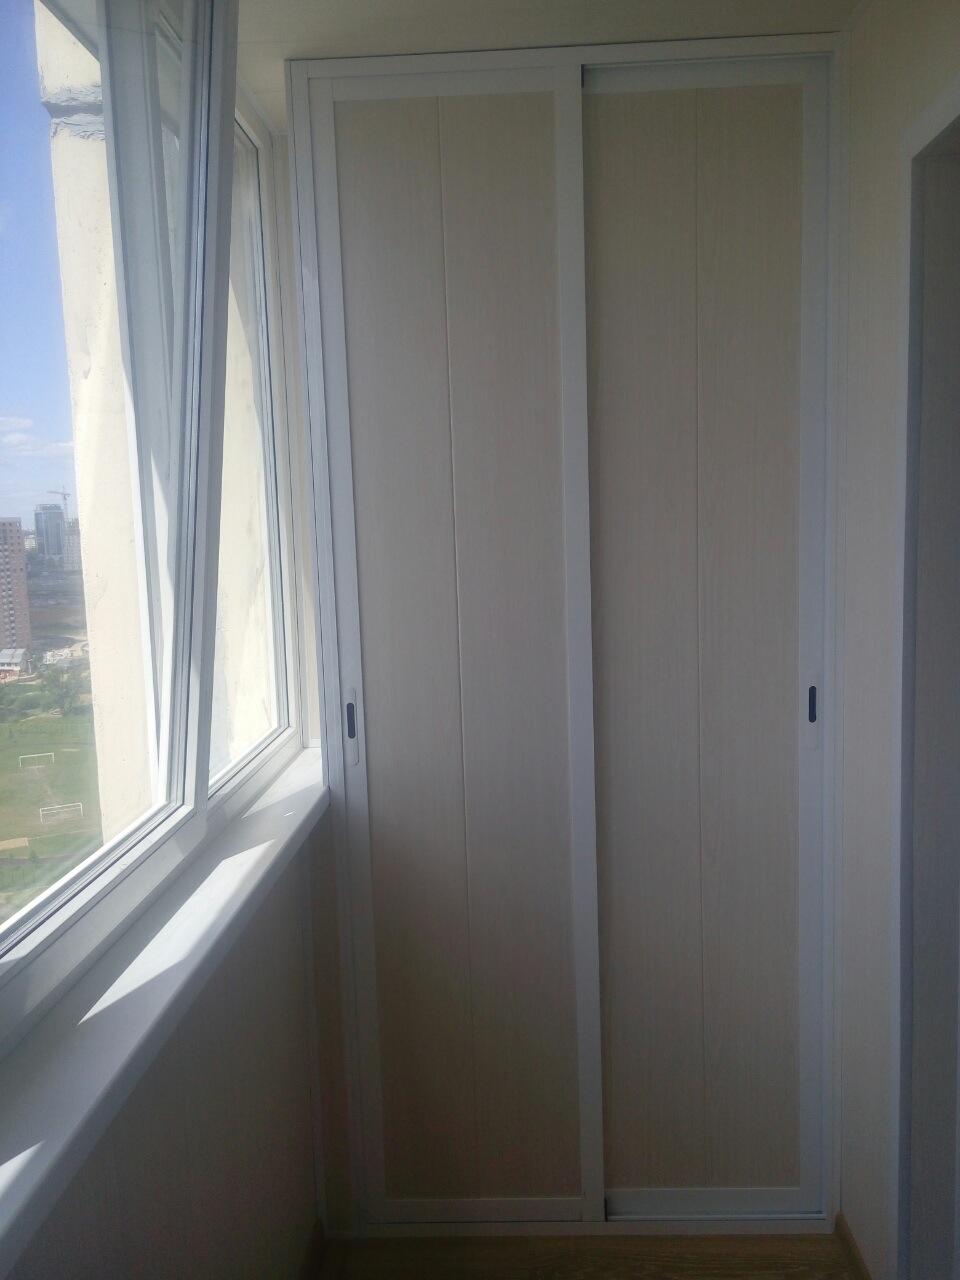 Шкаф на балкон - мебель для балкона, заказать шкаф в минске .